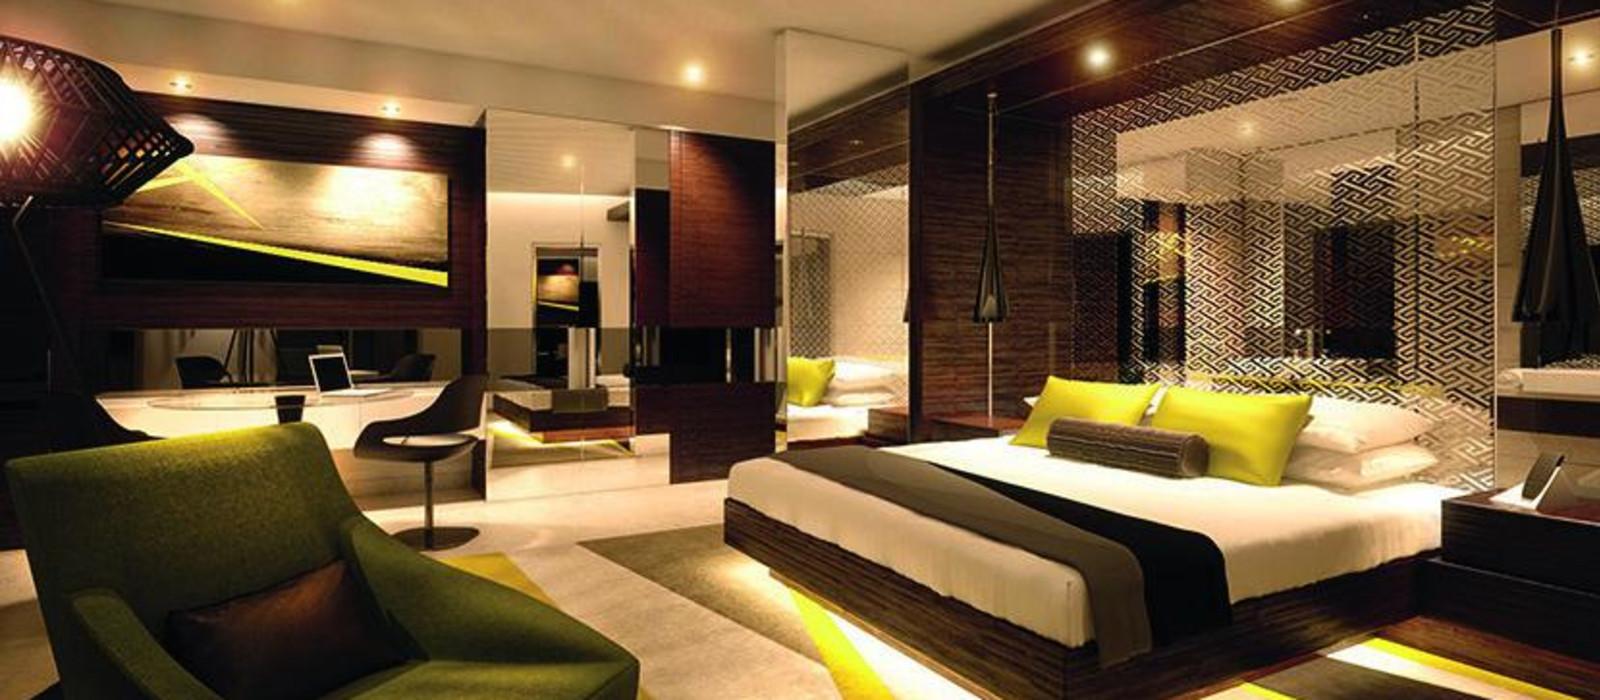 Hotel Al Ain Rotana Vereinigte Arabische Emirate